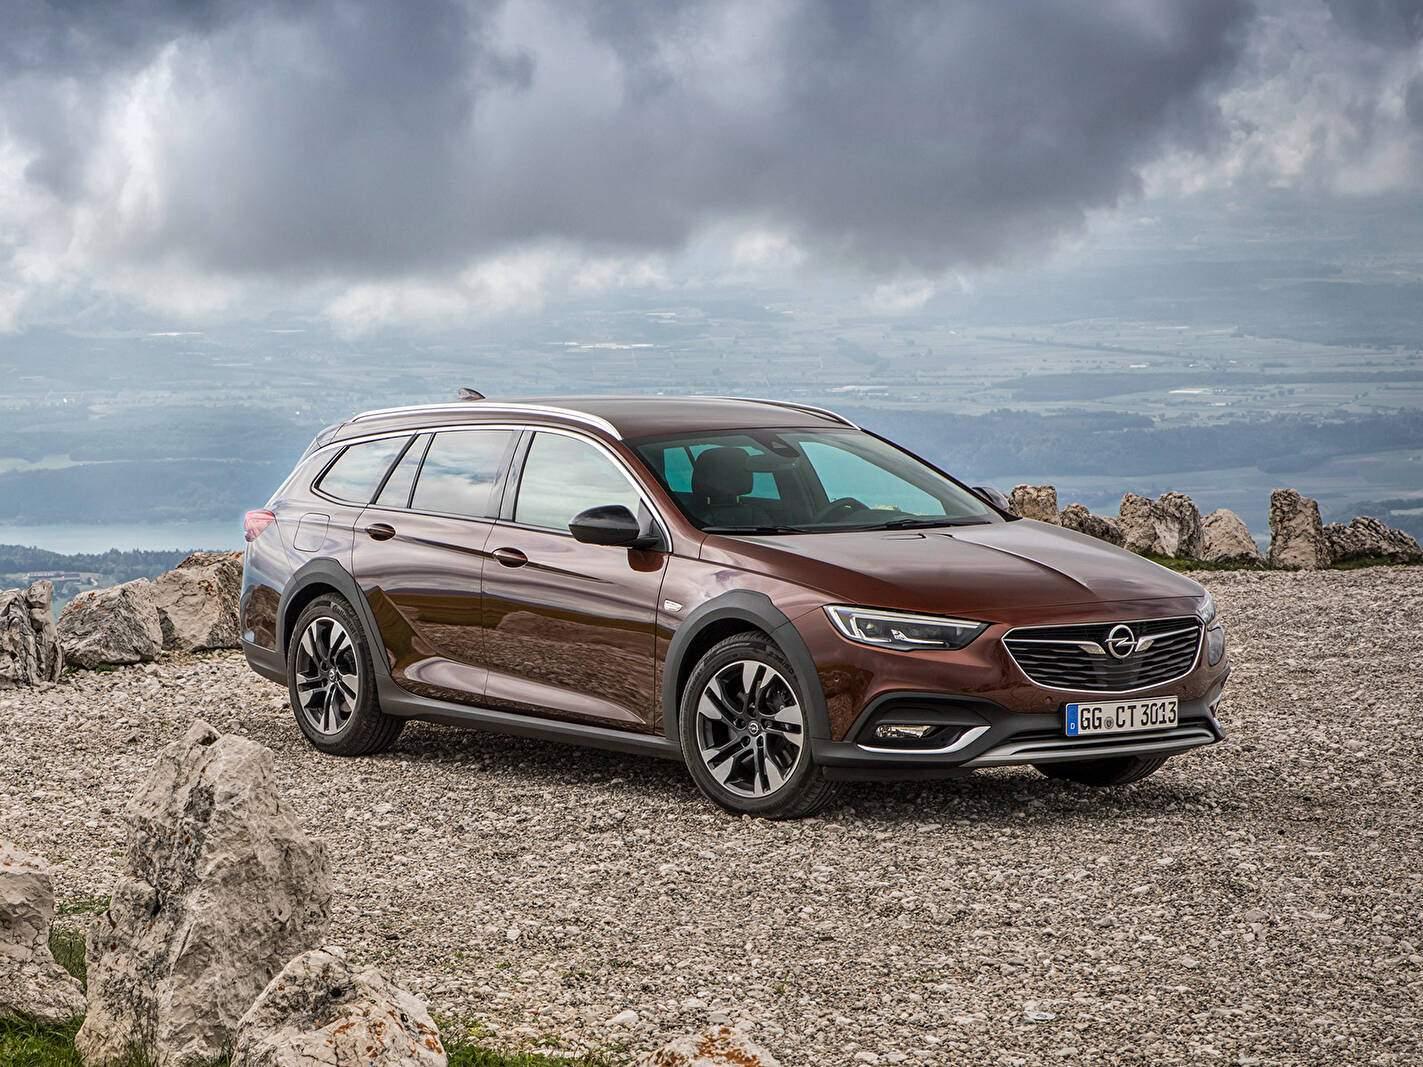 Opel Insignia II Country Tourer 2.0 BiTurbo D 210 (B) (2017),  ajouté par fox58